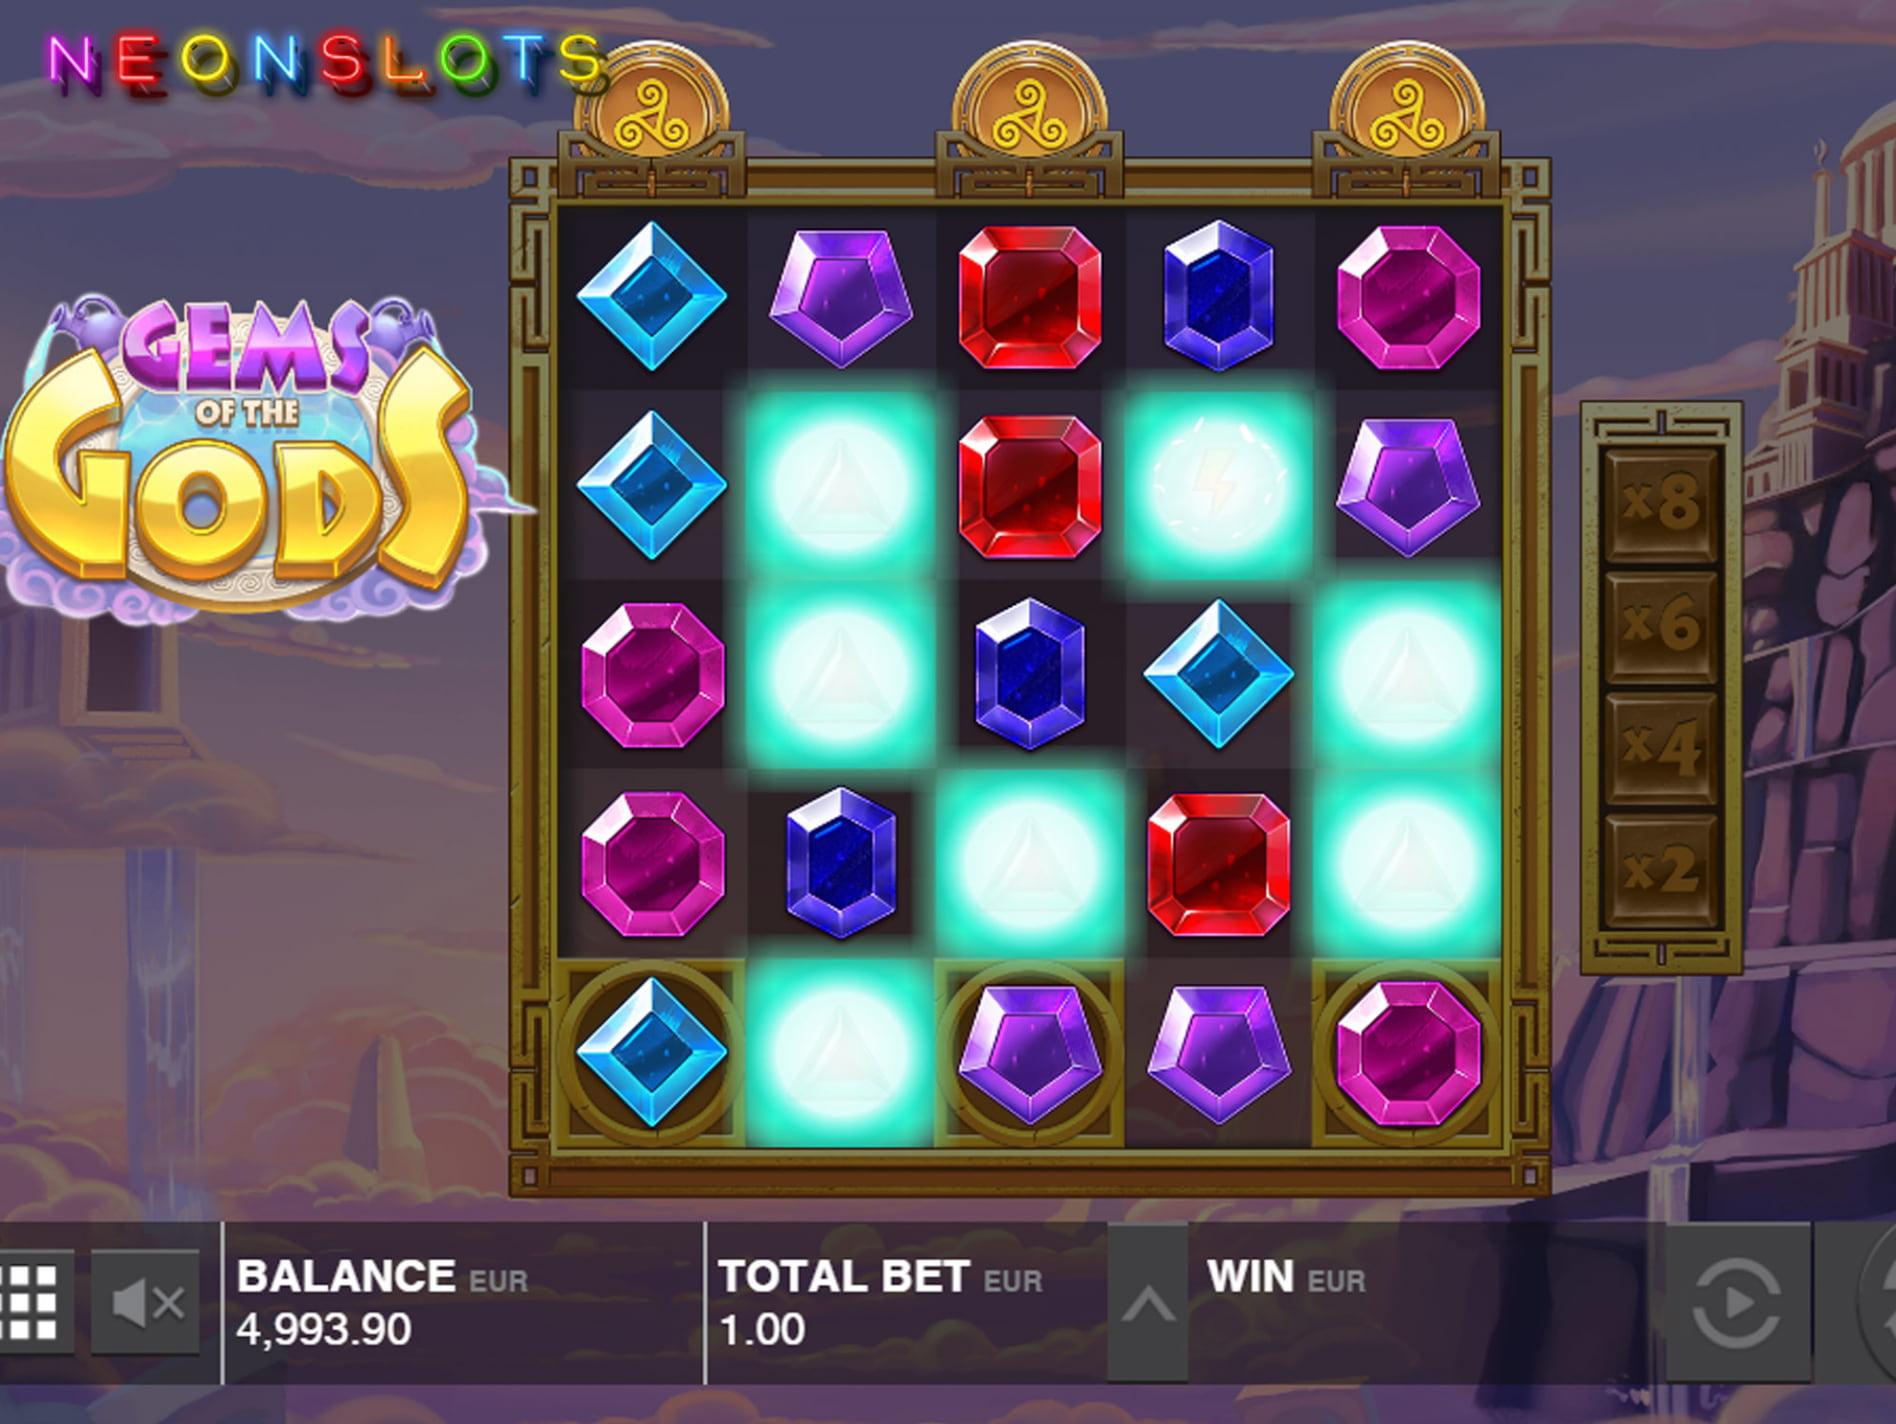 Juegos con 5 dados existen casino en Mar del Plata-498225